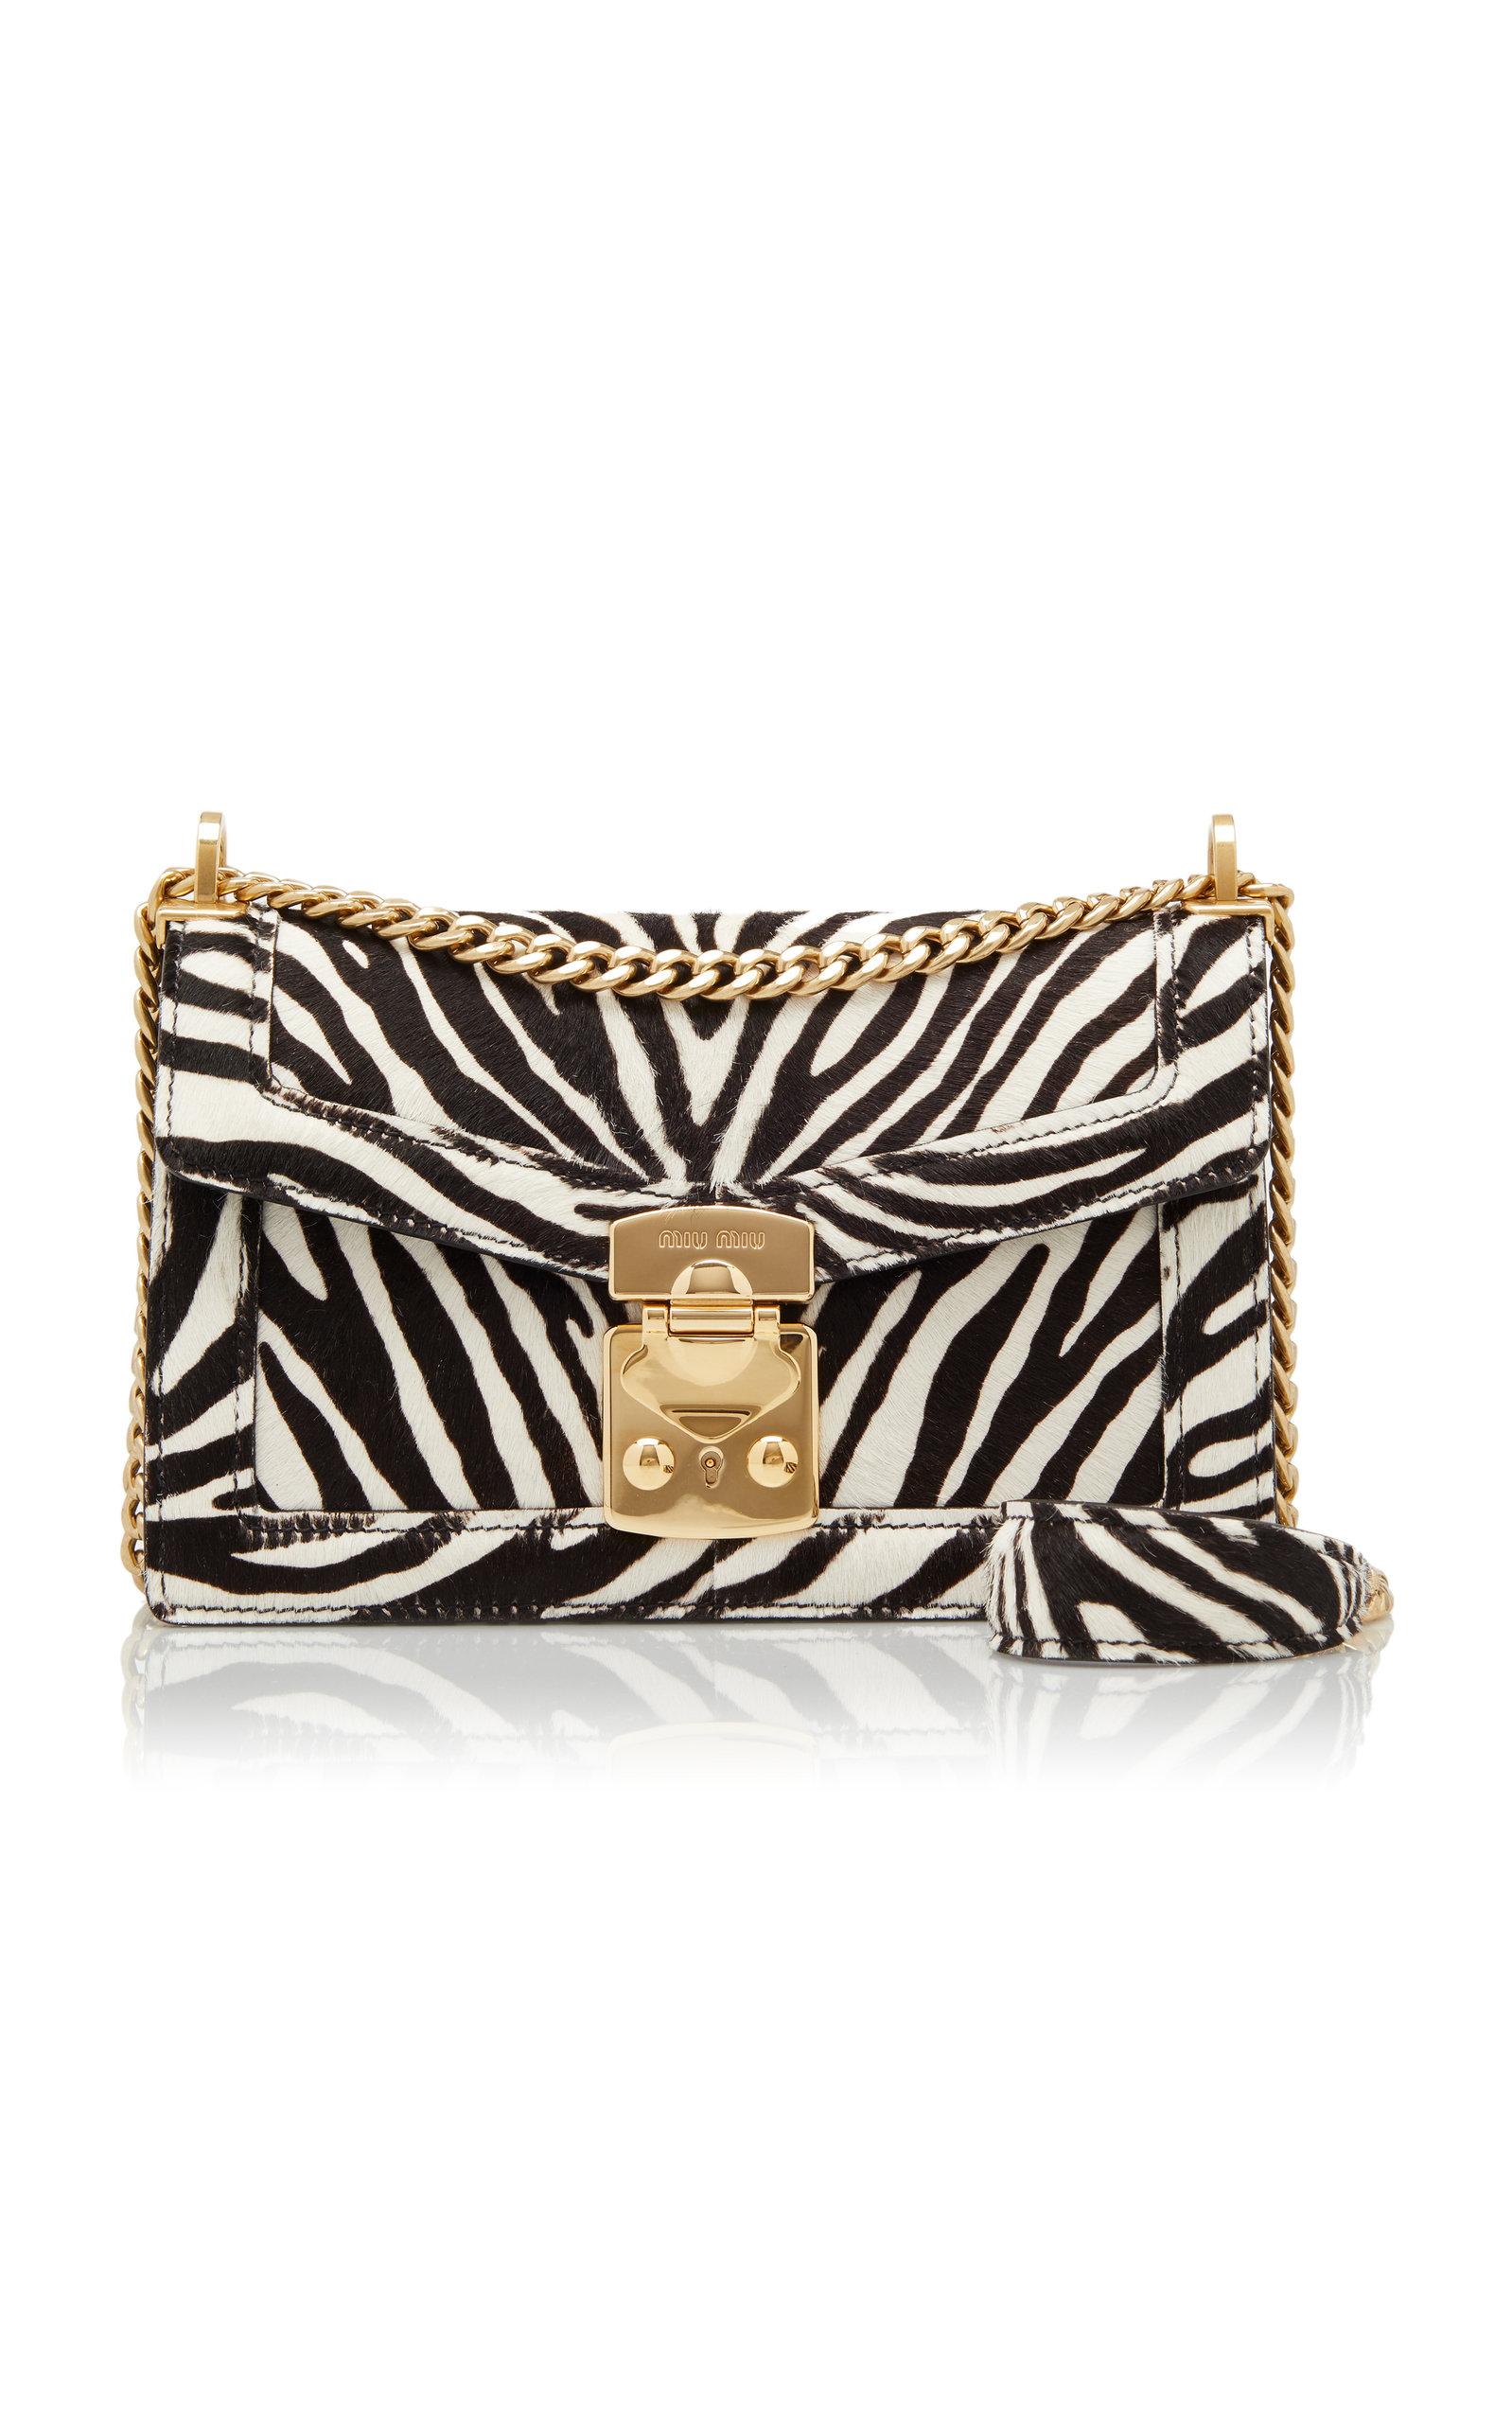 6c9e3e51 Zebra Print Leather Crossbody Bag